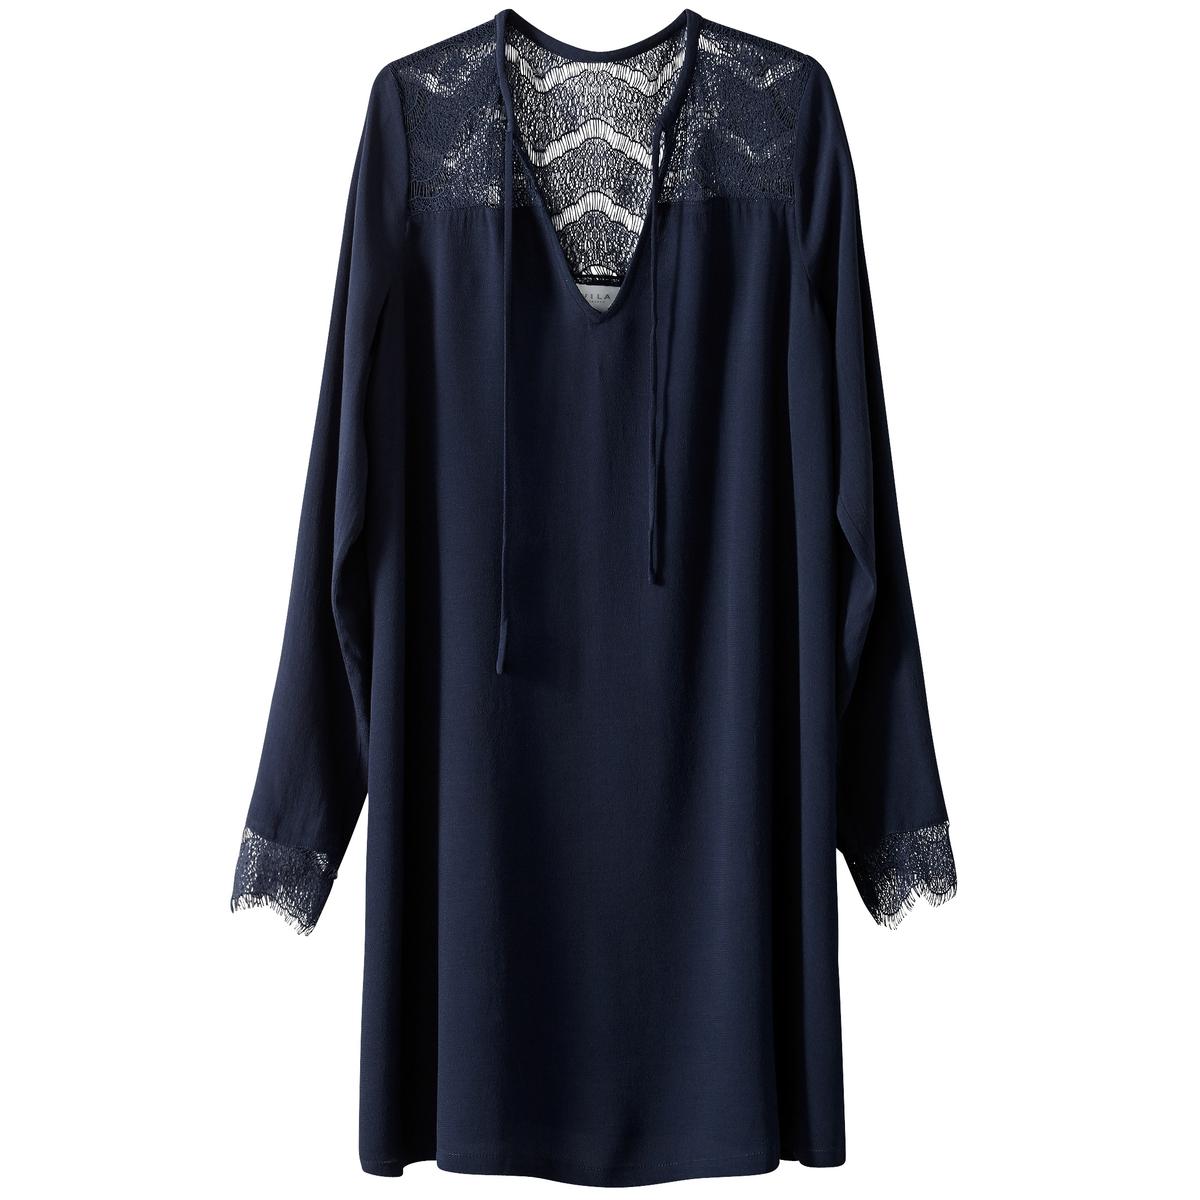 Платье короткое с длинными рукавами и кружевной детальюДетали   •  Форма : мини •  Укороченная модель •  Длинные рукава    •   V-образный вырезСостав и уход   •  100% вискоза •  Следуйте рекомендациям по уходу, указанным на этикетке изделия<br><br>Цвет: темно-синий<br>Размер: S